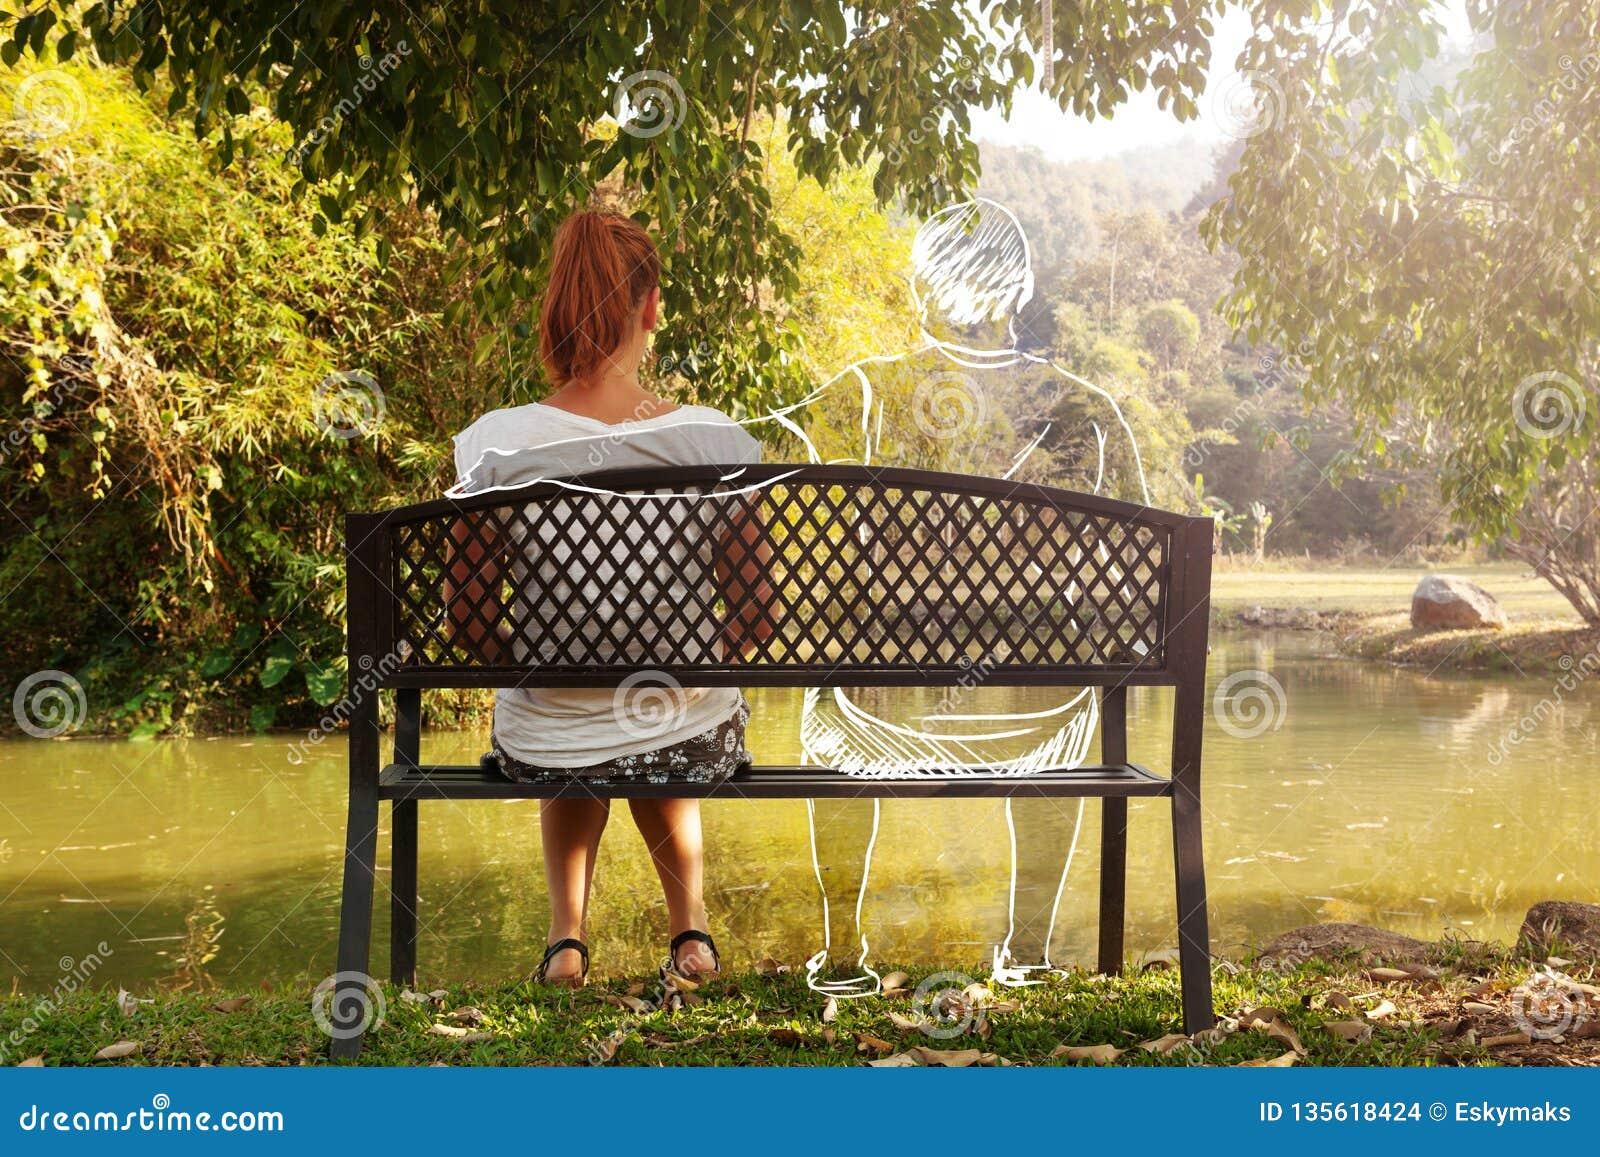 Przygnębiona i smutna młoda kobieta siedzi samotnie na ławce w parku